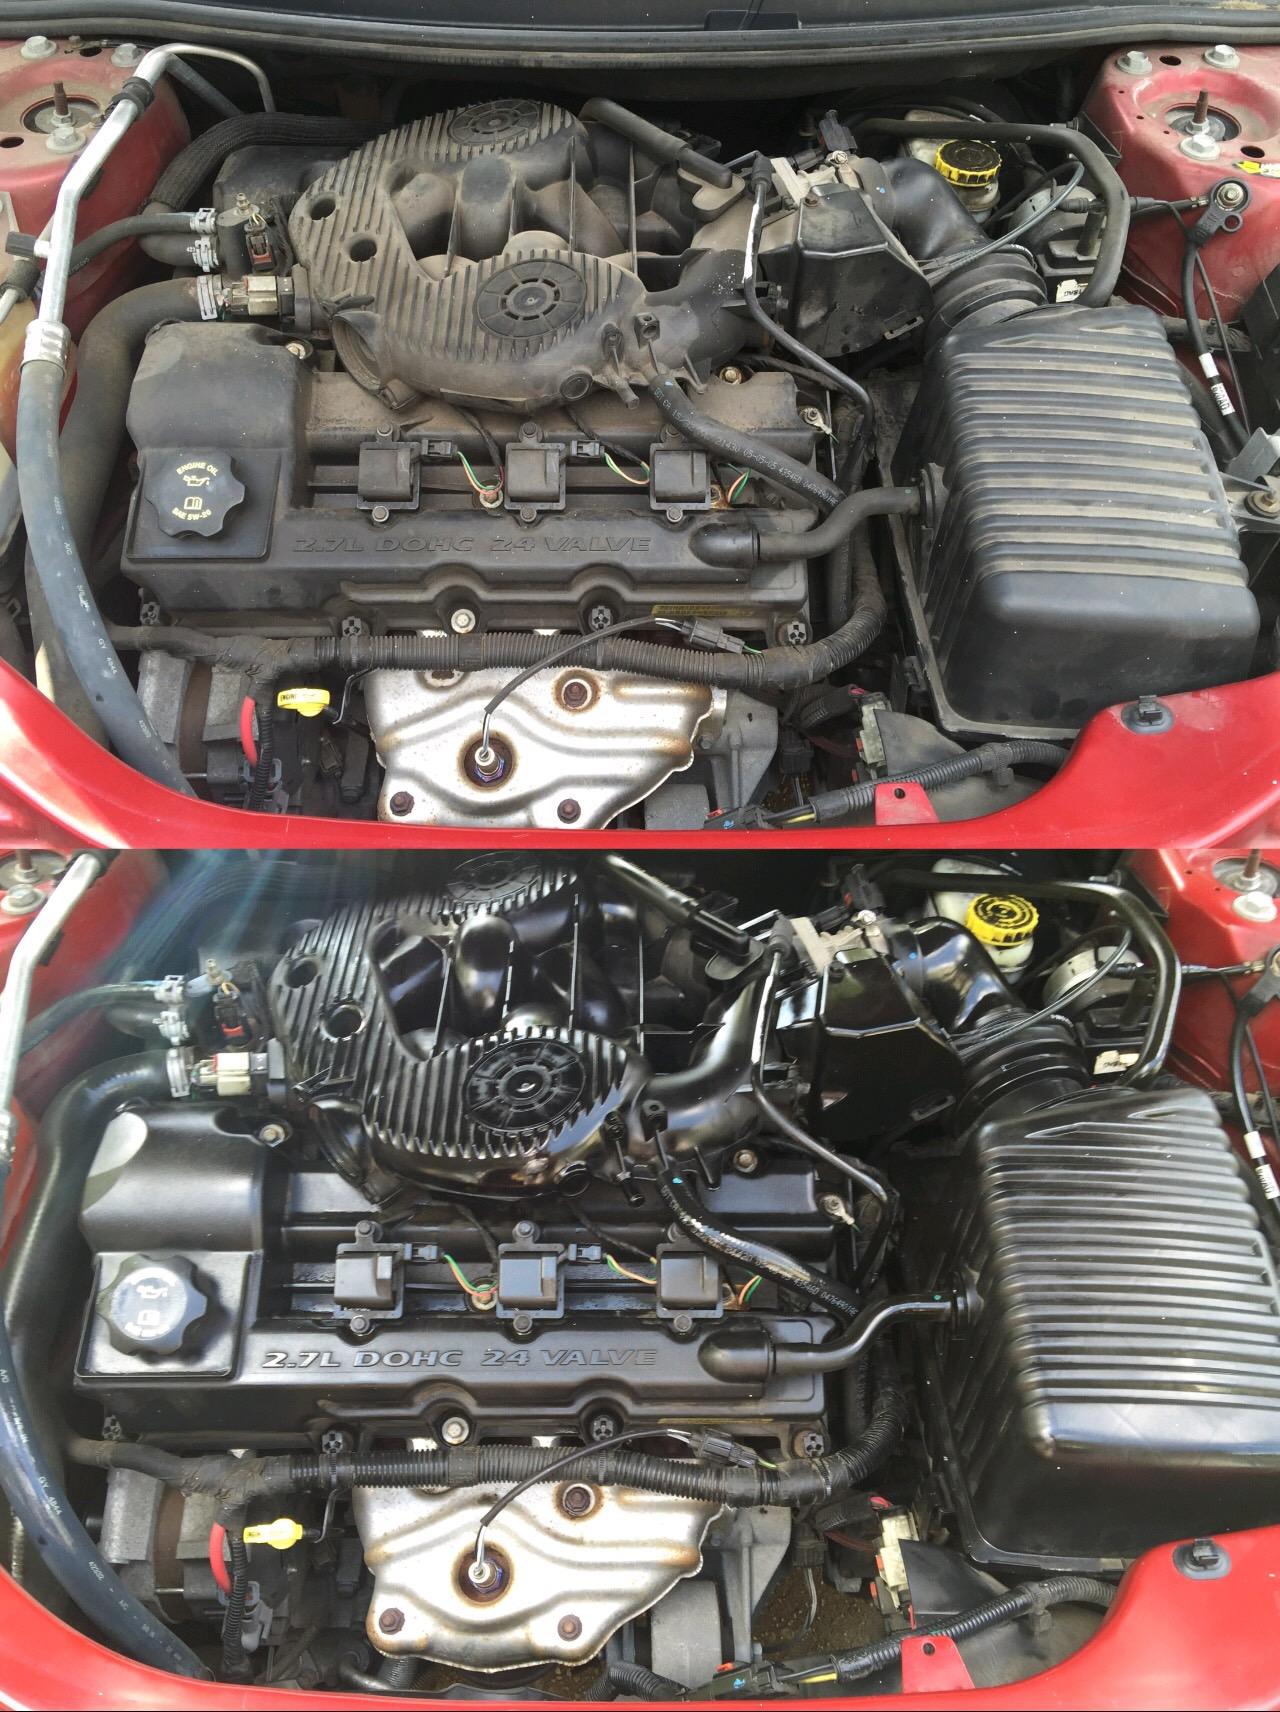 Sebring motor detail.jpg